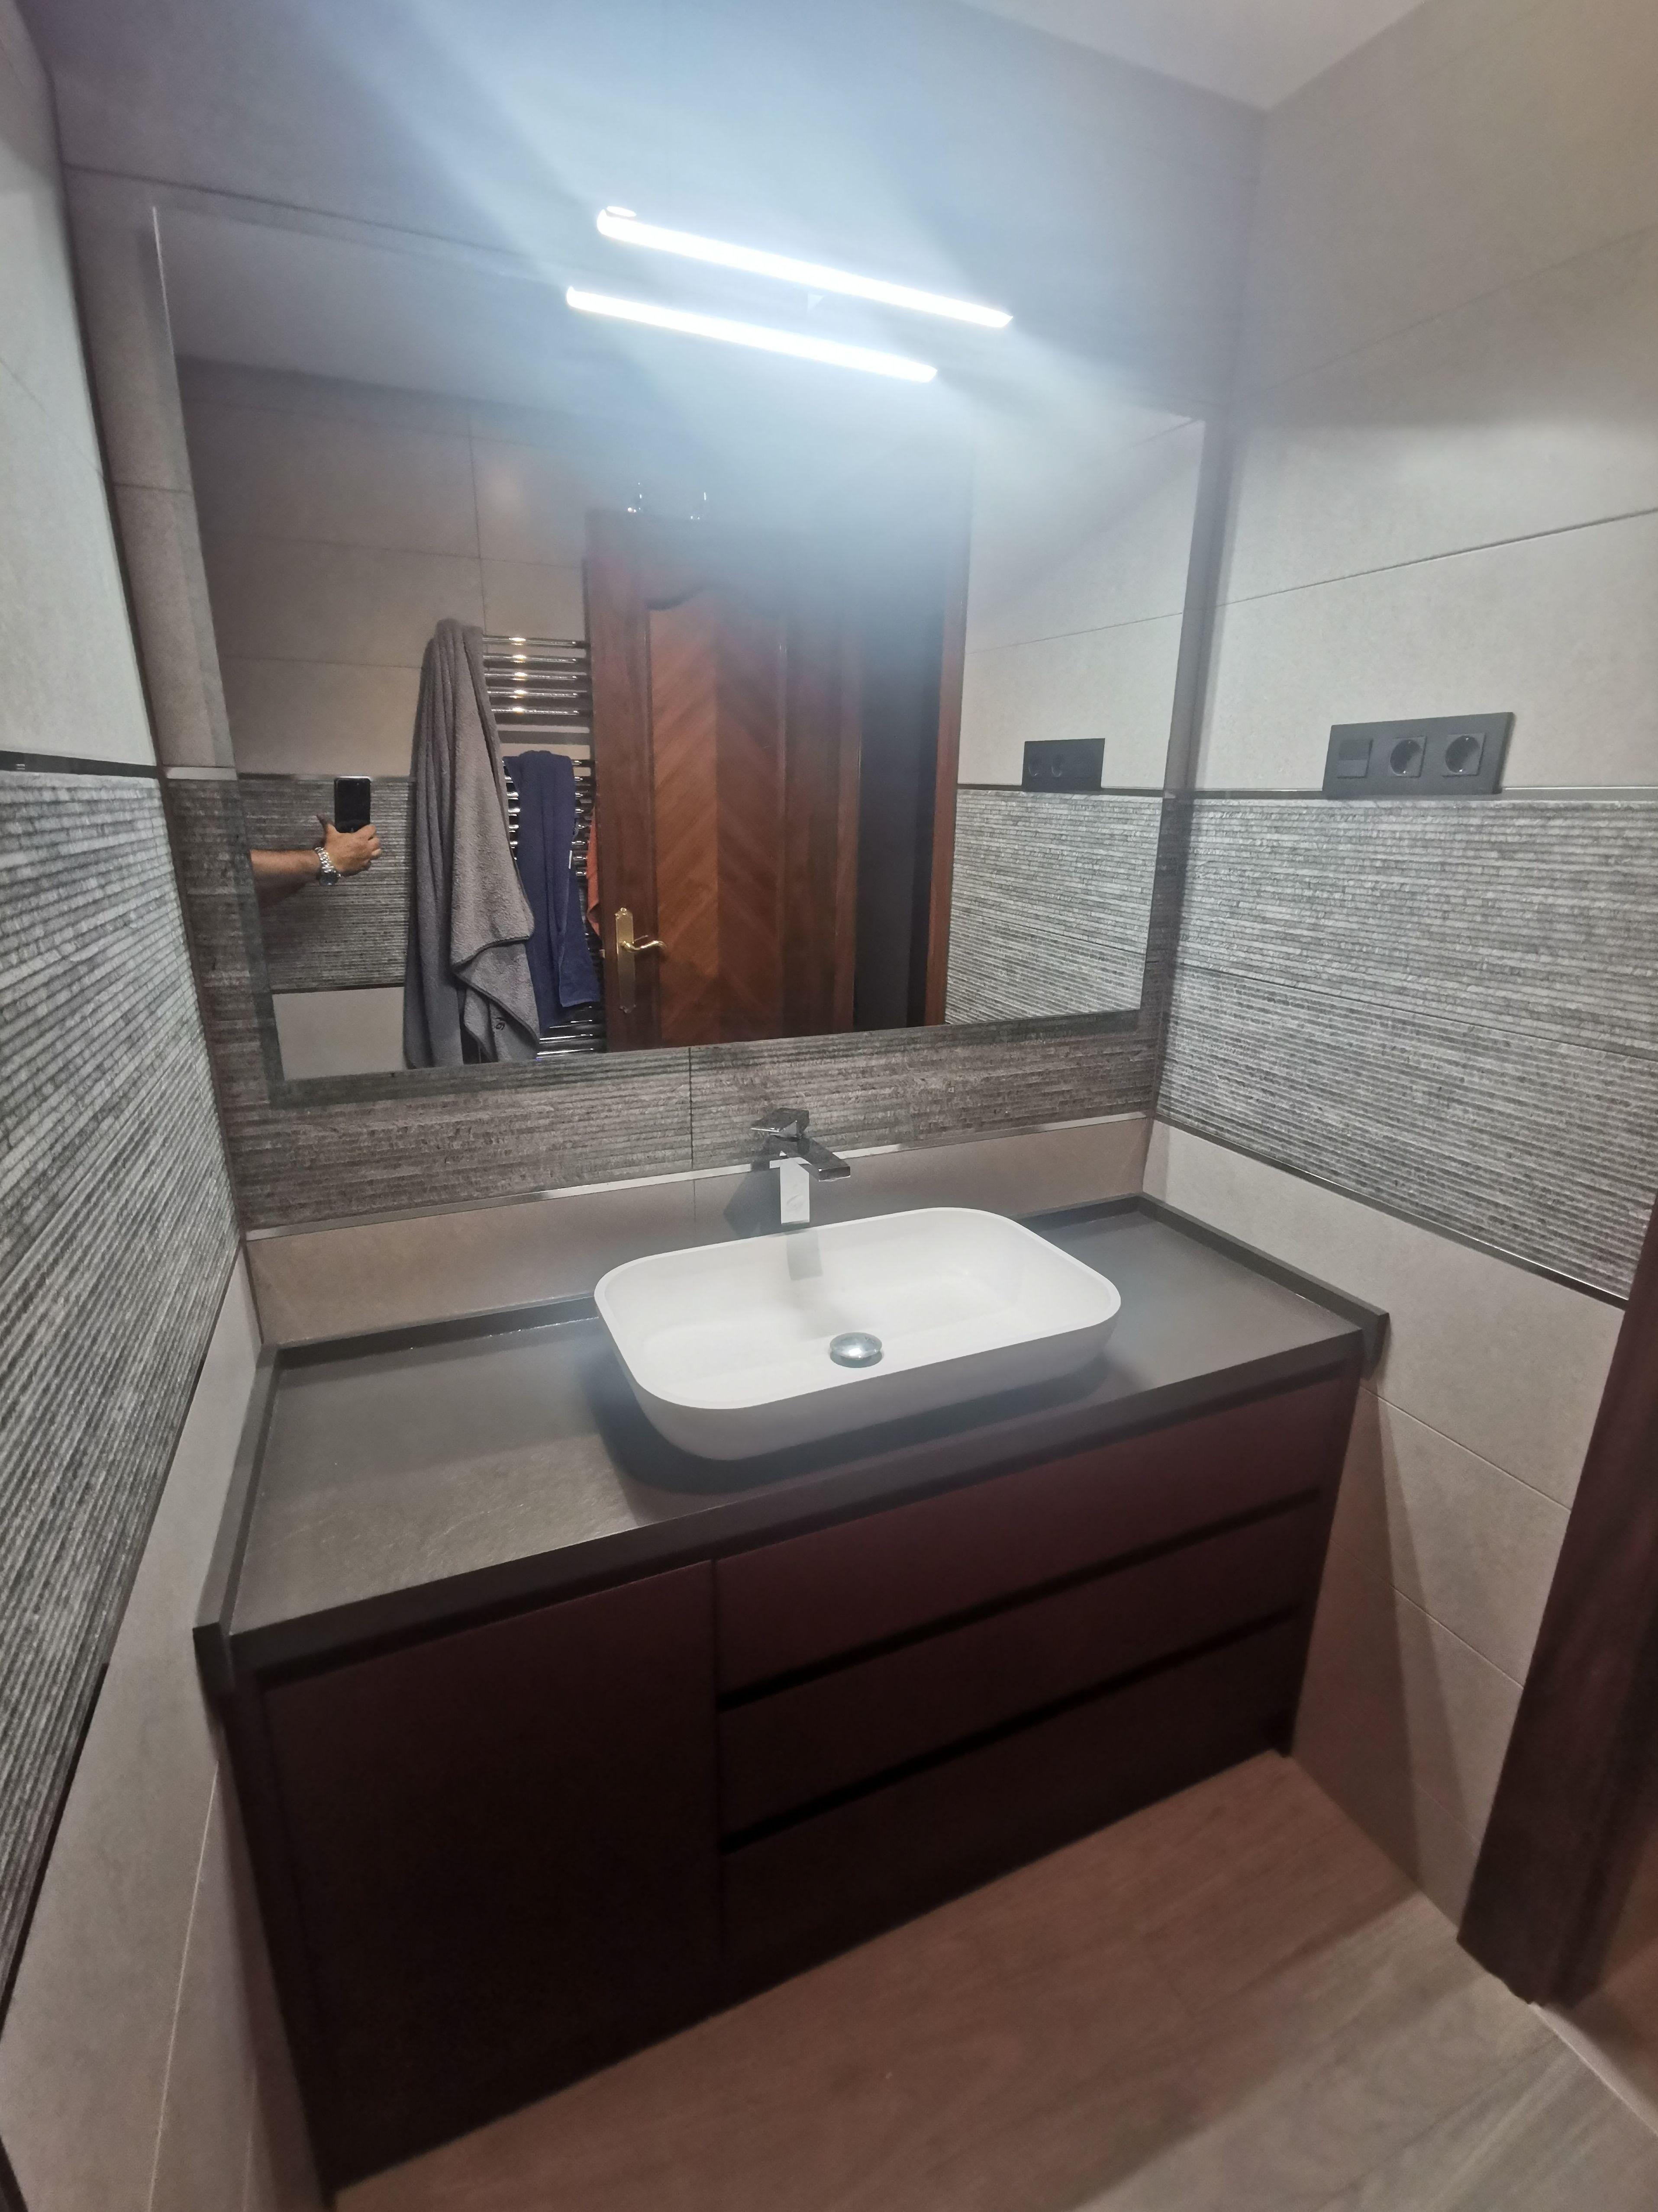 Foto 13 de Reformas en baños y cocinas en Trobajo del Camino | F. Alba, cocinas y baños